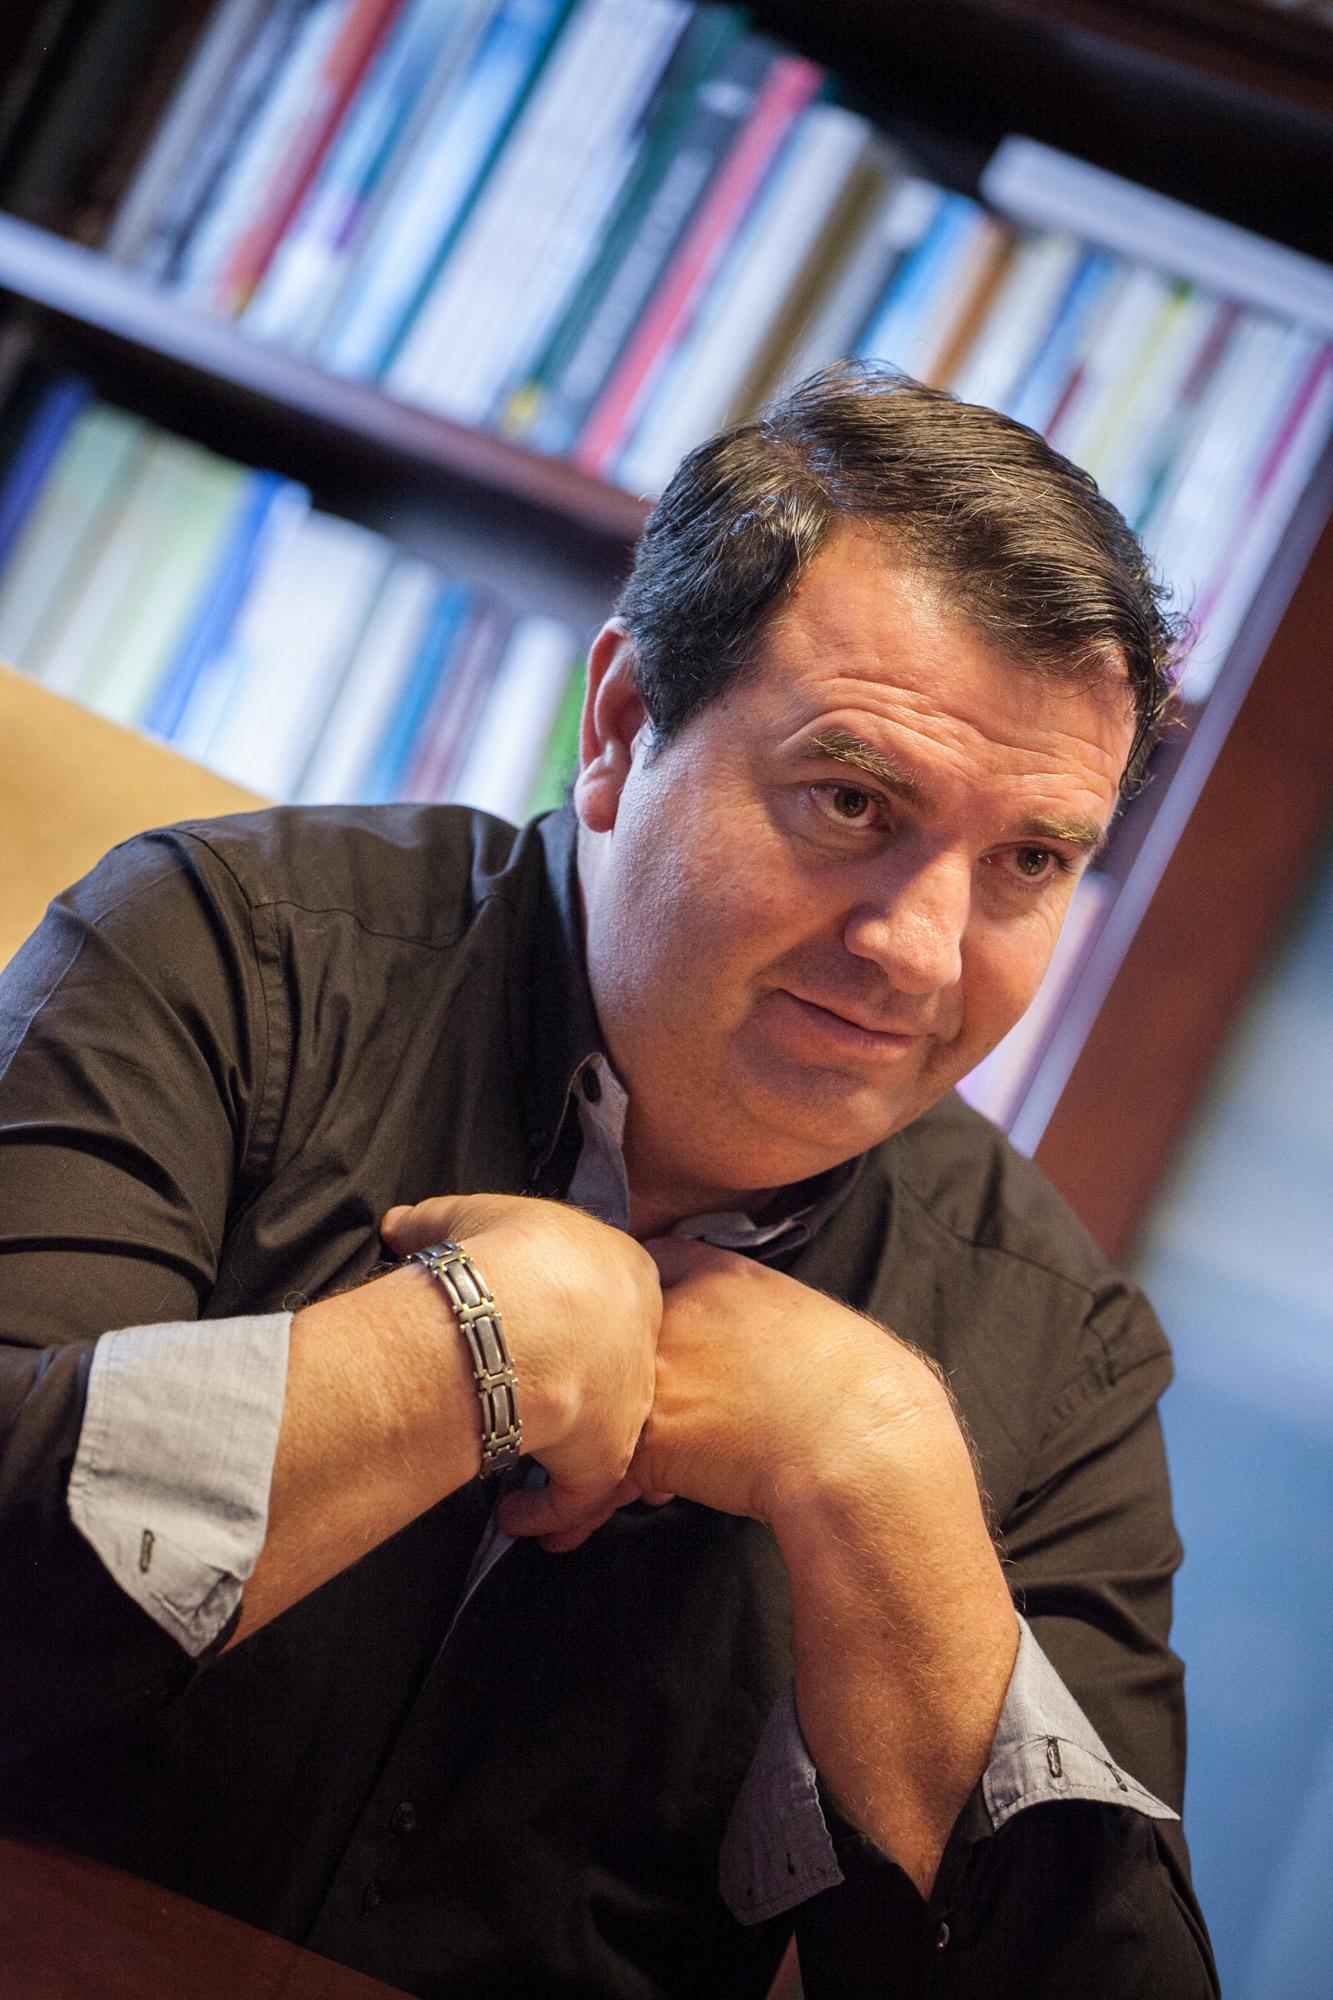 El alcalde todavía no ha querido pronunciarse sobre su situación. /Andrés Gutiérrez